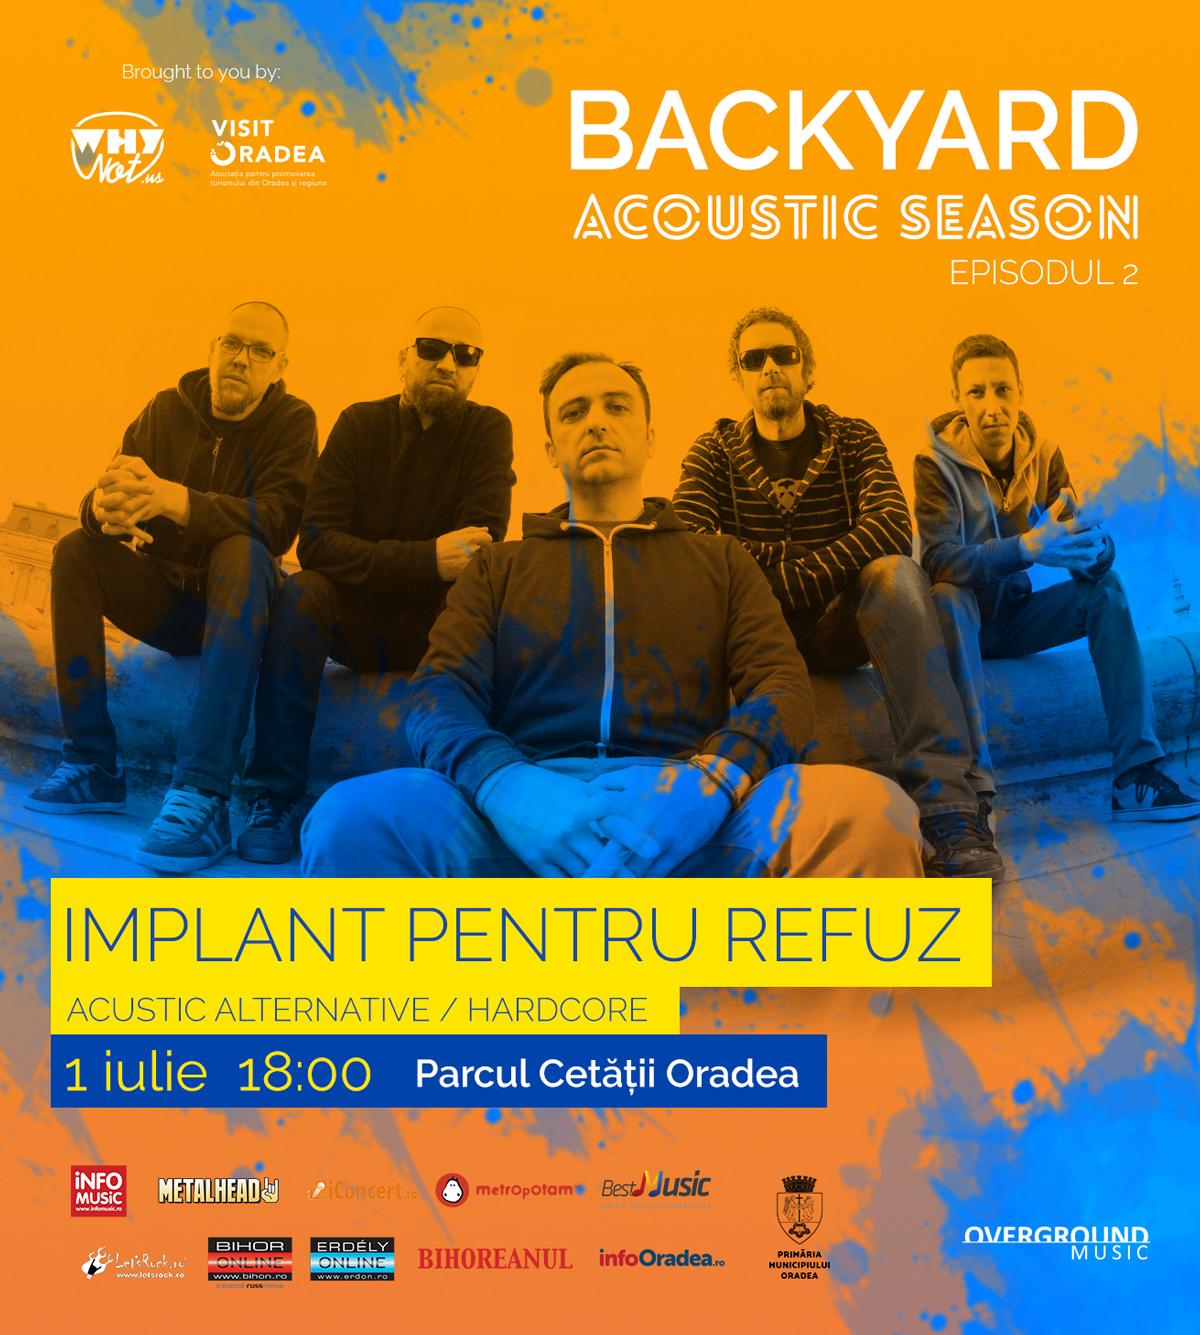 Backyard_Season_Implant_Pentru_Refuz